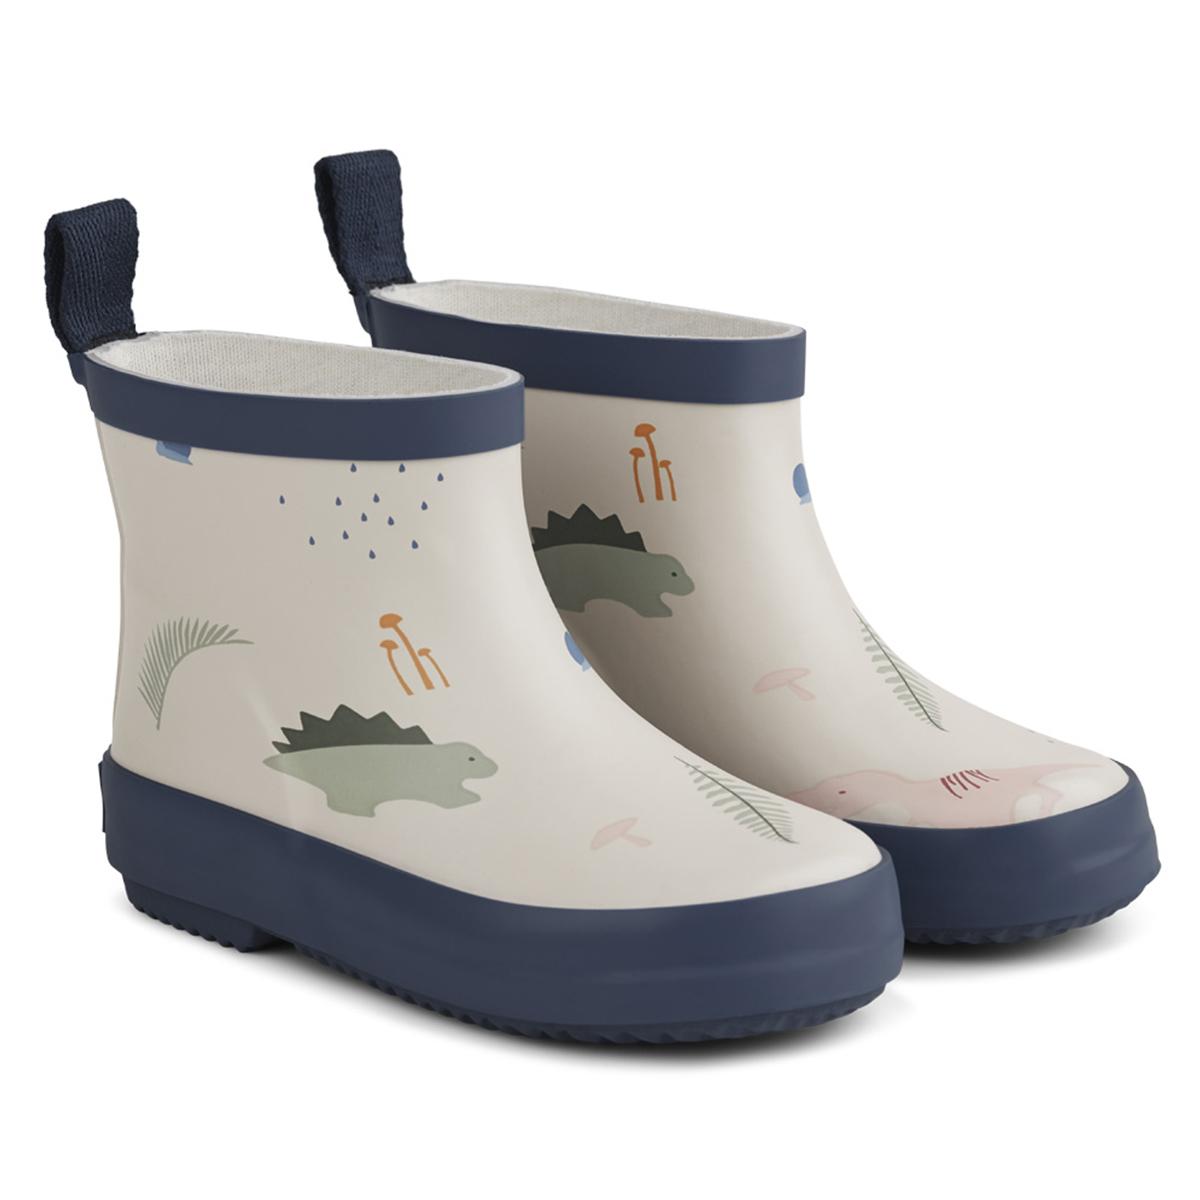 Chaussons & Chaussures Bottes de Pluie Tobi Dino Mix - 22